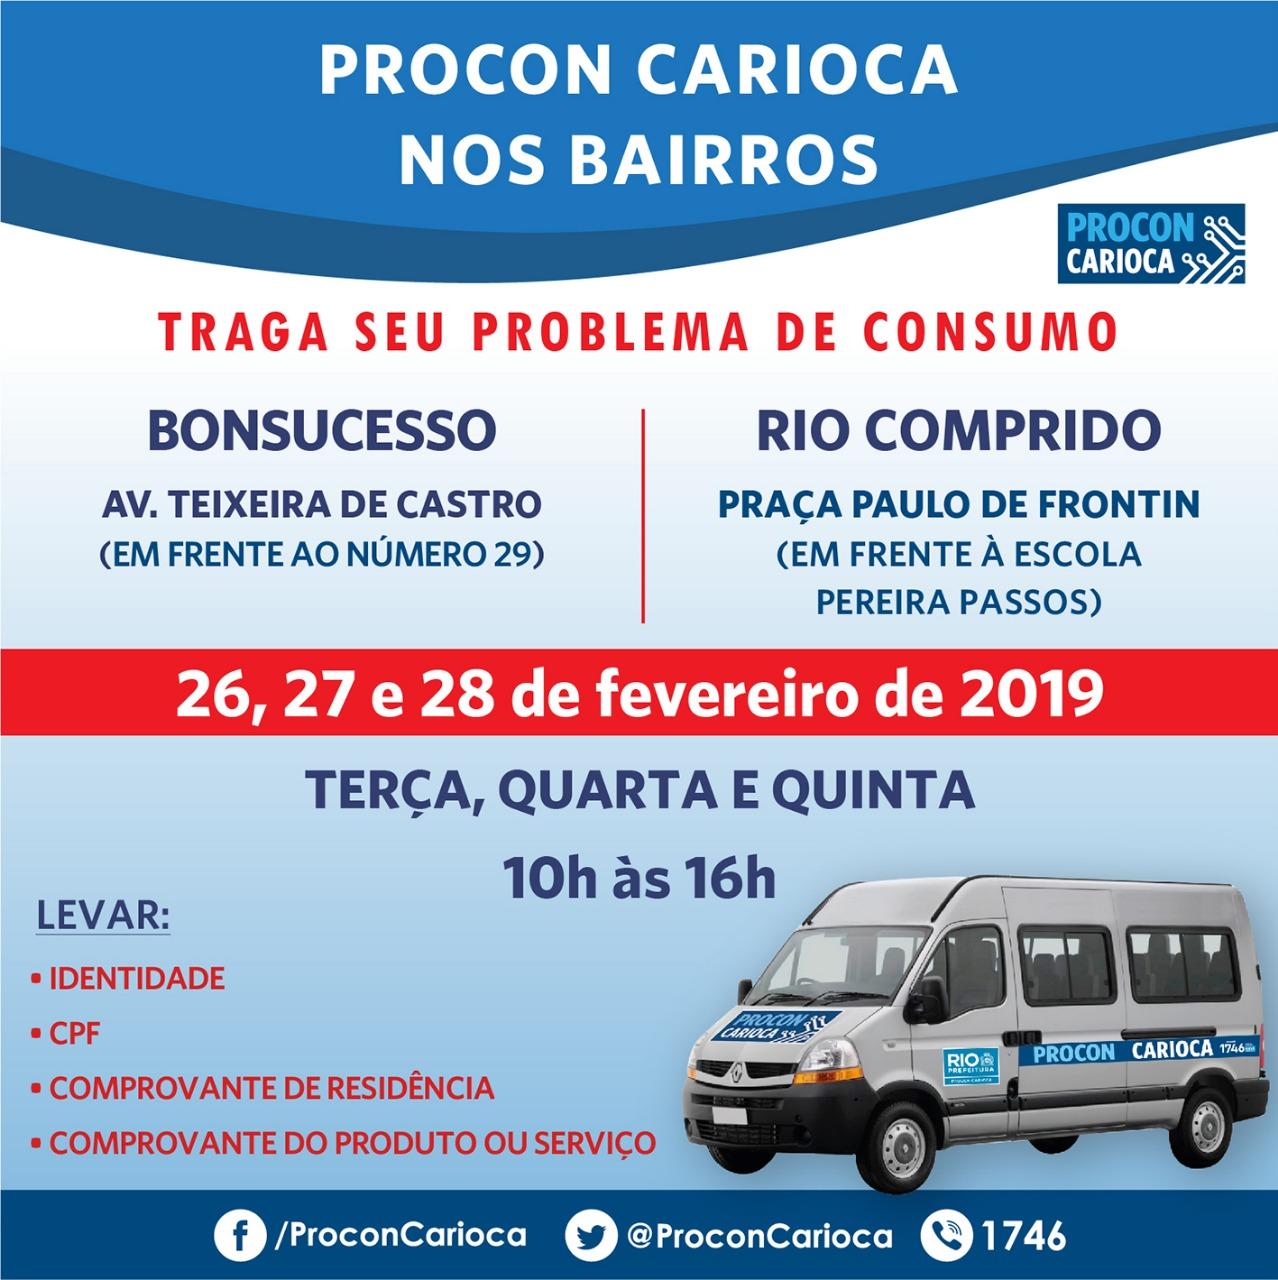 Procon Carioca chega a Bonsucesso e Rio Comprido